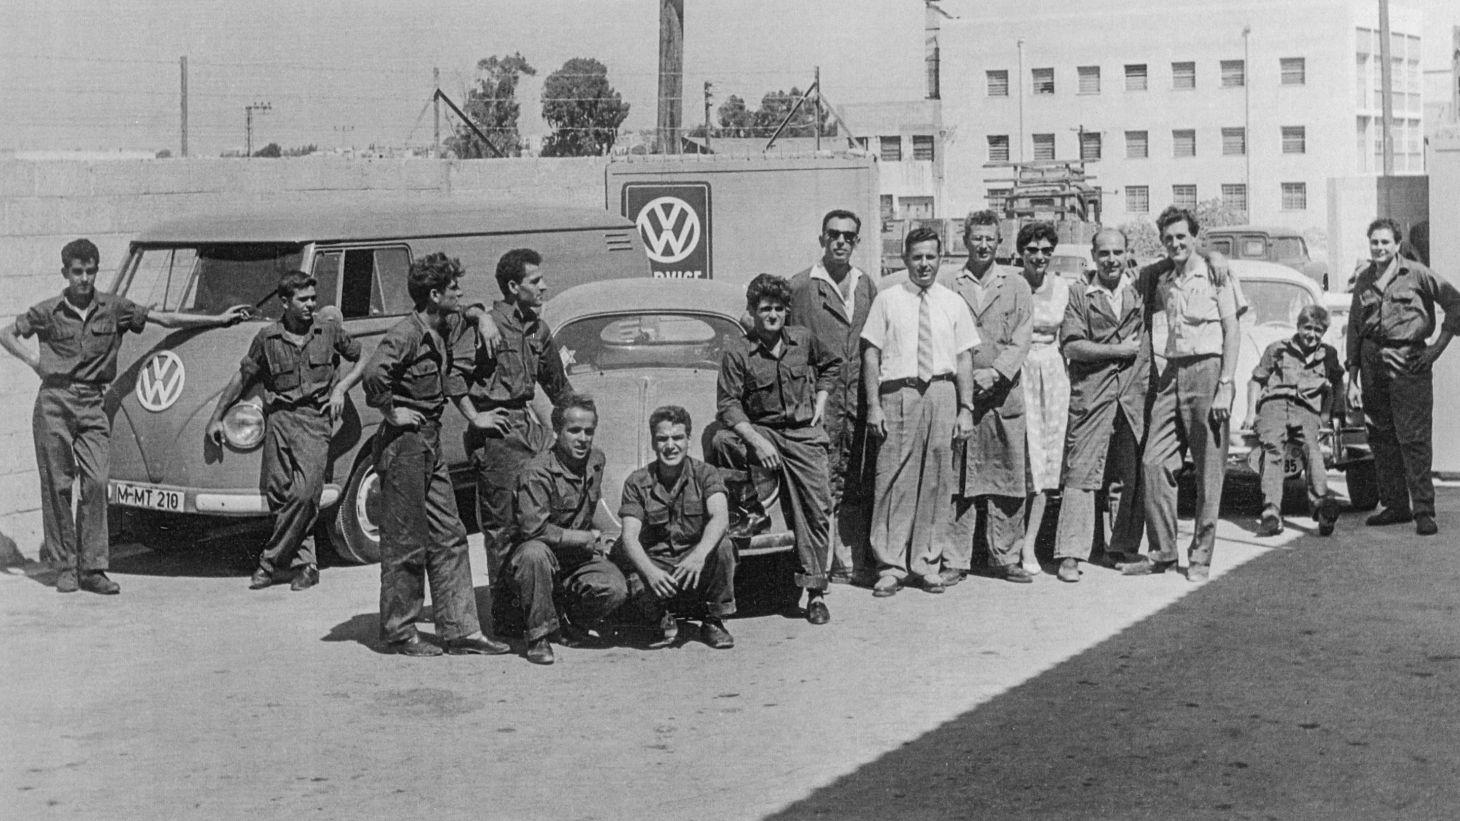 Felix Burian mit den Mitarbeitern seines Betriebes. Ihr engagierter Service wurde von den Kunden hoch geschätzt.